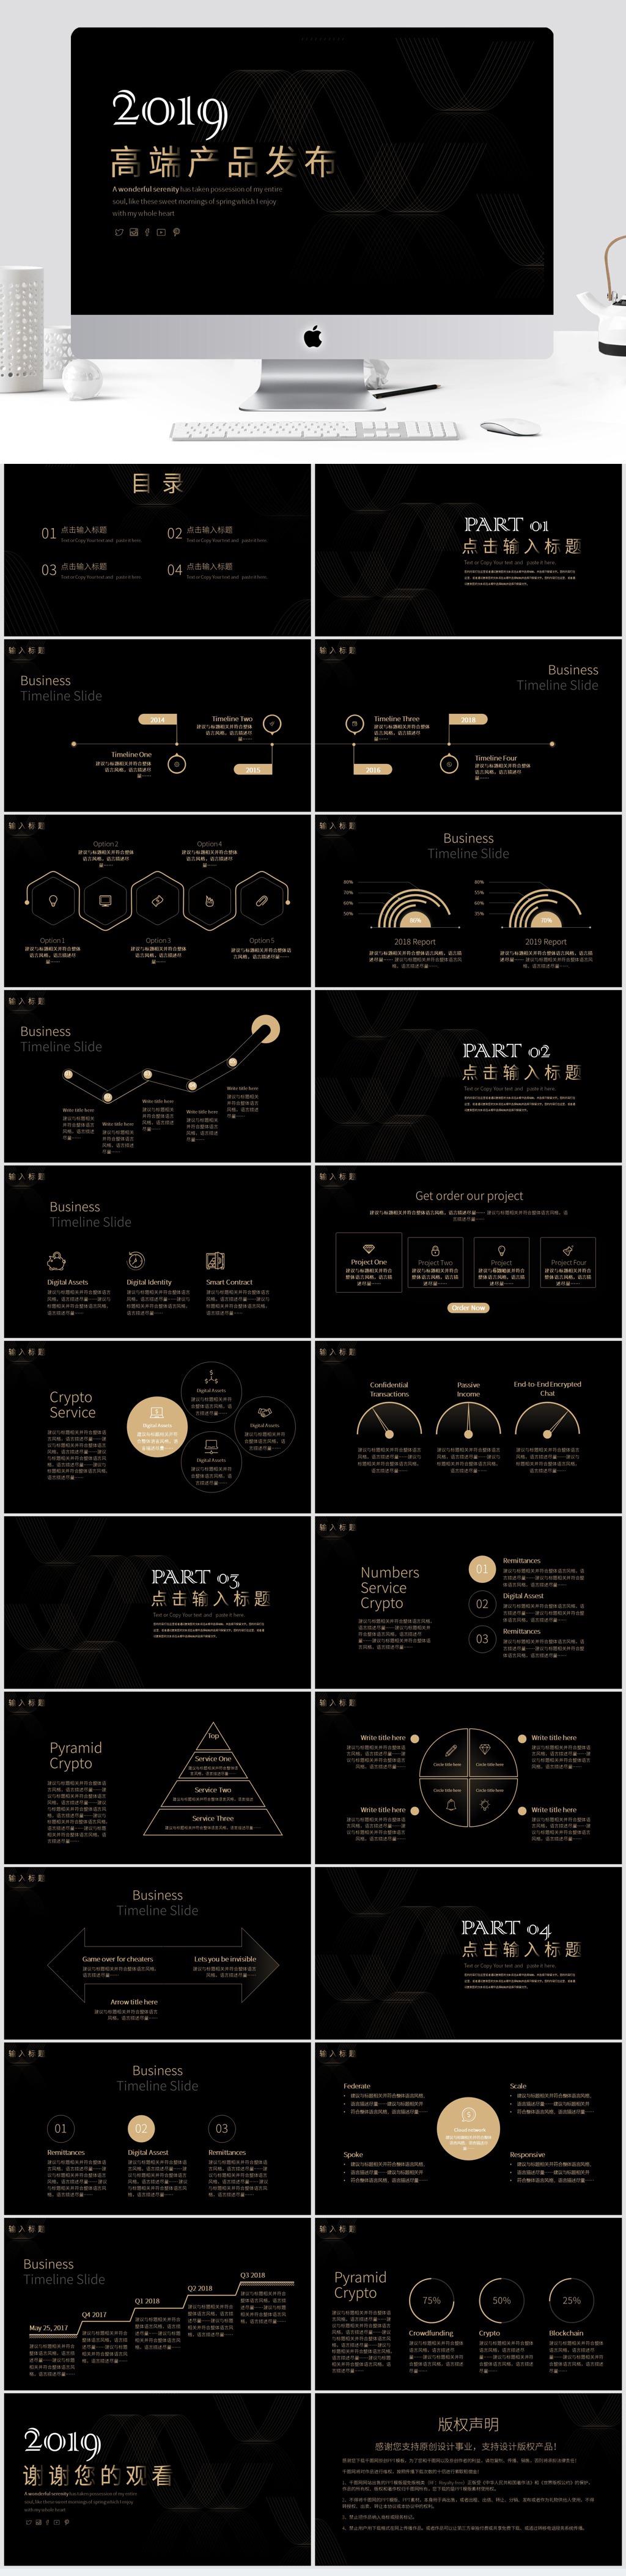 黑金高端产品发布PPT模板商务